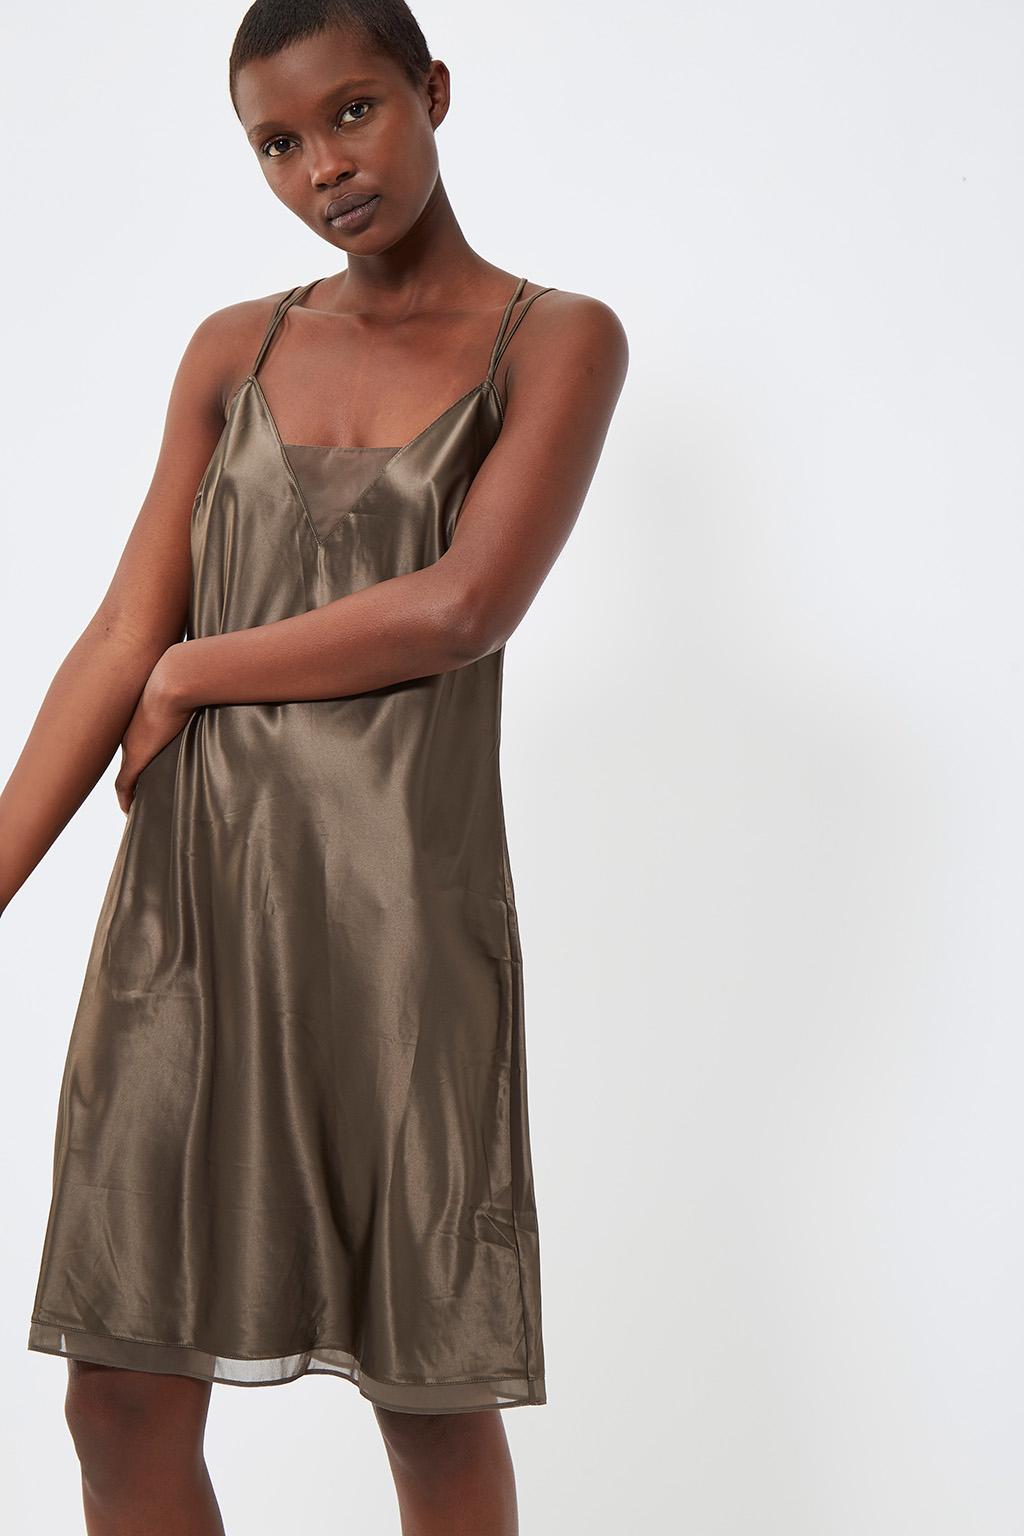 Vente privée femme Oysho lingerie, homewear et sport, nuisette effet soie kaki